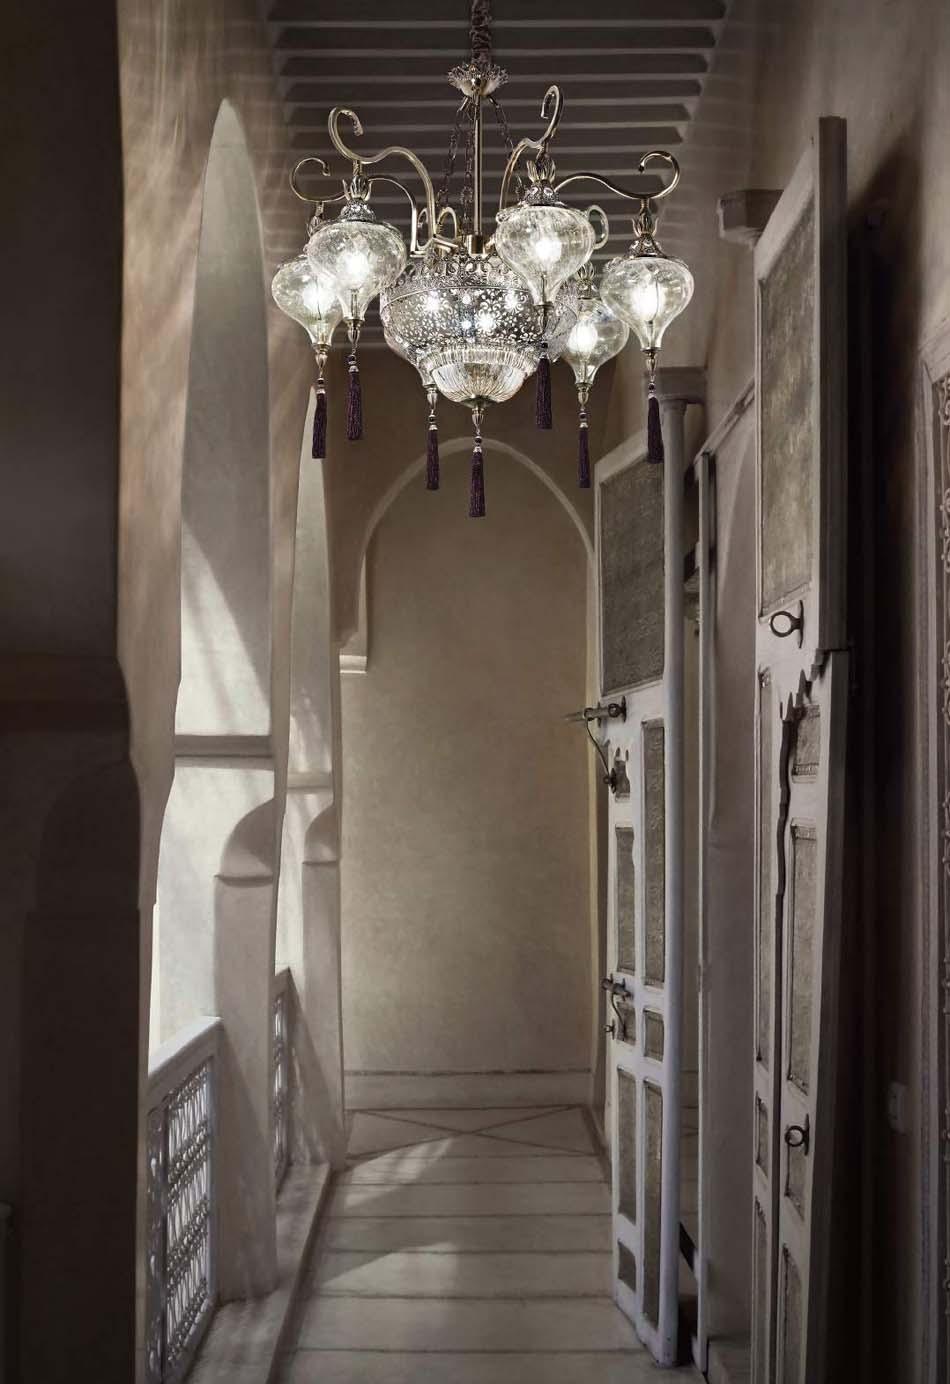 Lampade 64 sospensione Classico Ideal Lux Harem – Bruni Arredamenti